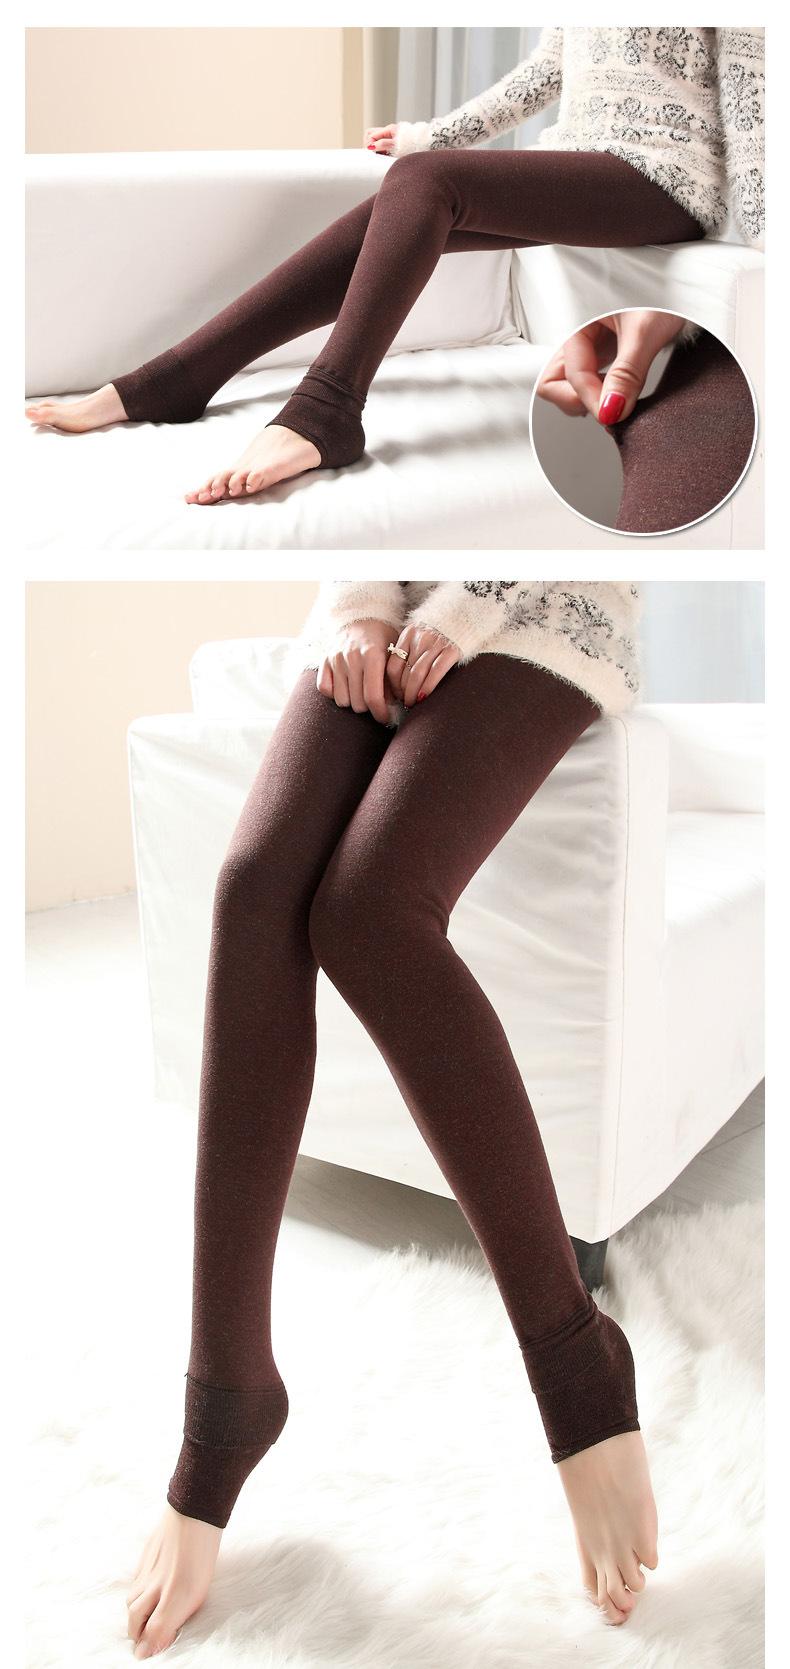 Pantalon collant jeunesse K960 en coton coloré - Ref 773900 Image 38